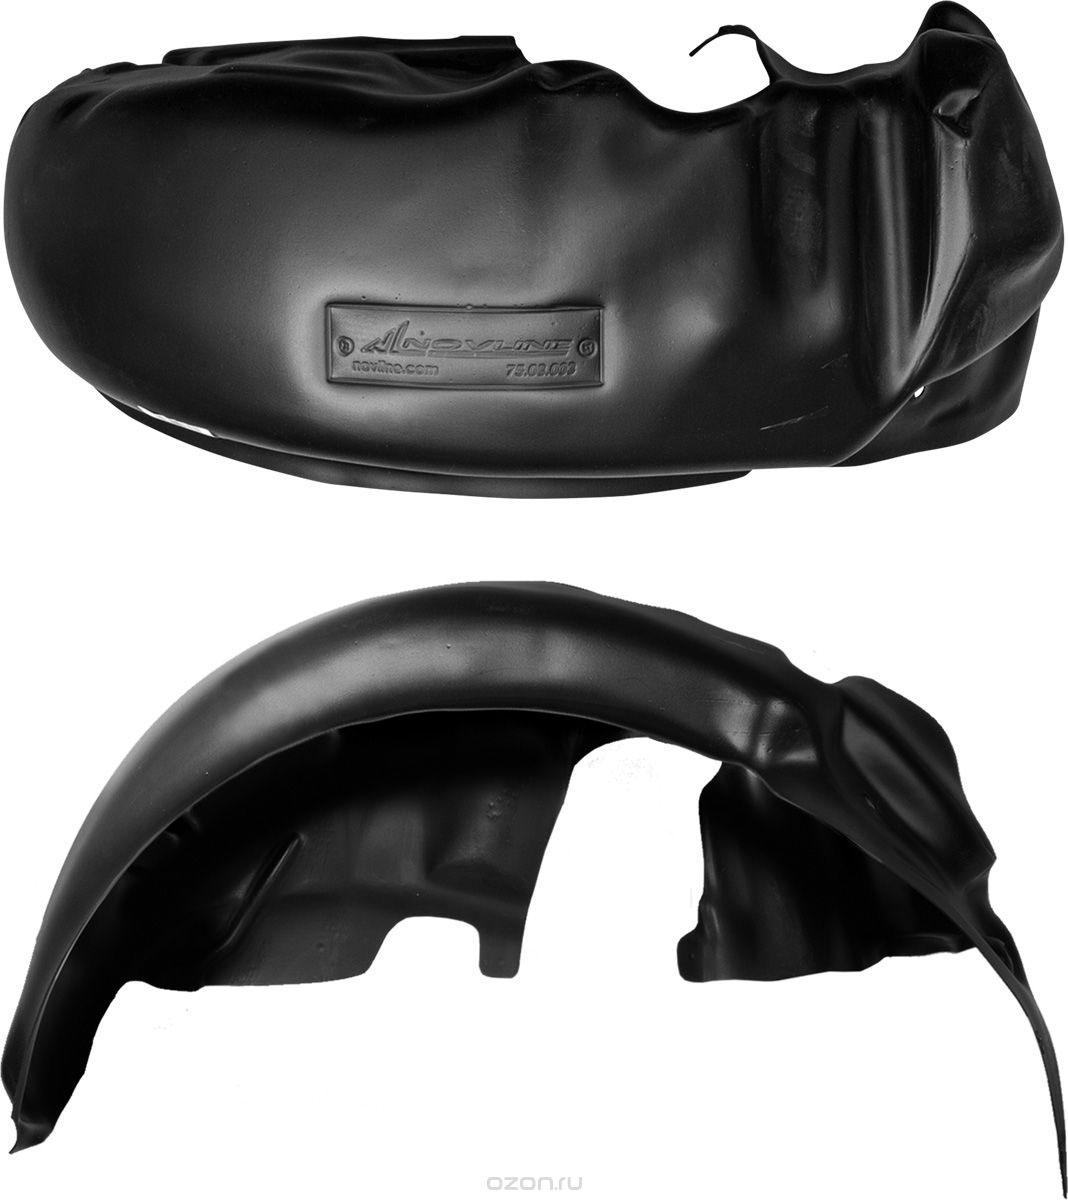 Подкрылок Novline-Autofamily, для CHERY Bоnus 3, A19, 2014->, передний правый234100Идеальная защита колесной ниши. Локеры разработаны с применением цифровых технологий, гарантируют максимальную повторяемость поверхности арки. Изделия устанавливаются без нарушения лакокрасочного покрытия автомобиля, каждый подкрылок комплектуется крепежом. Уважаемые клиенты, обращаем ваше внимание, что фотографии на подкрылки универсальные и не отражают реальную форму изделия. При этом само изделие идет точно под размер указанного автомобиля.